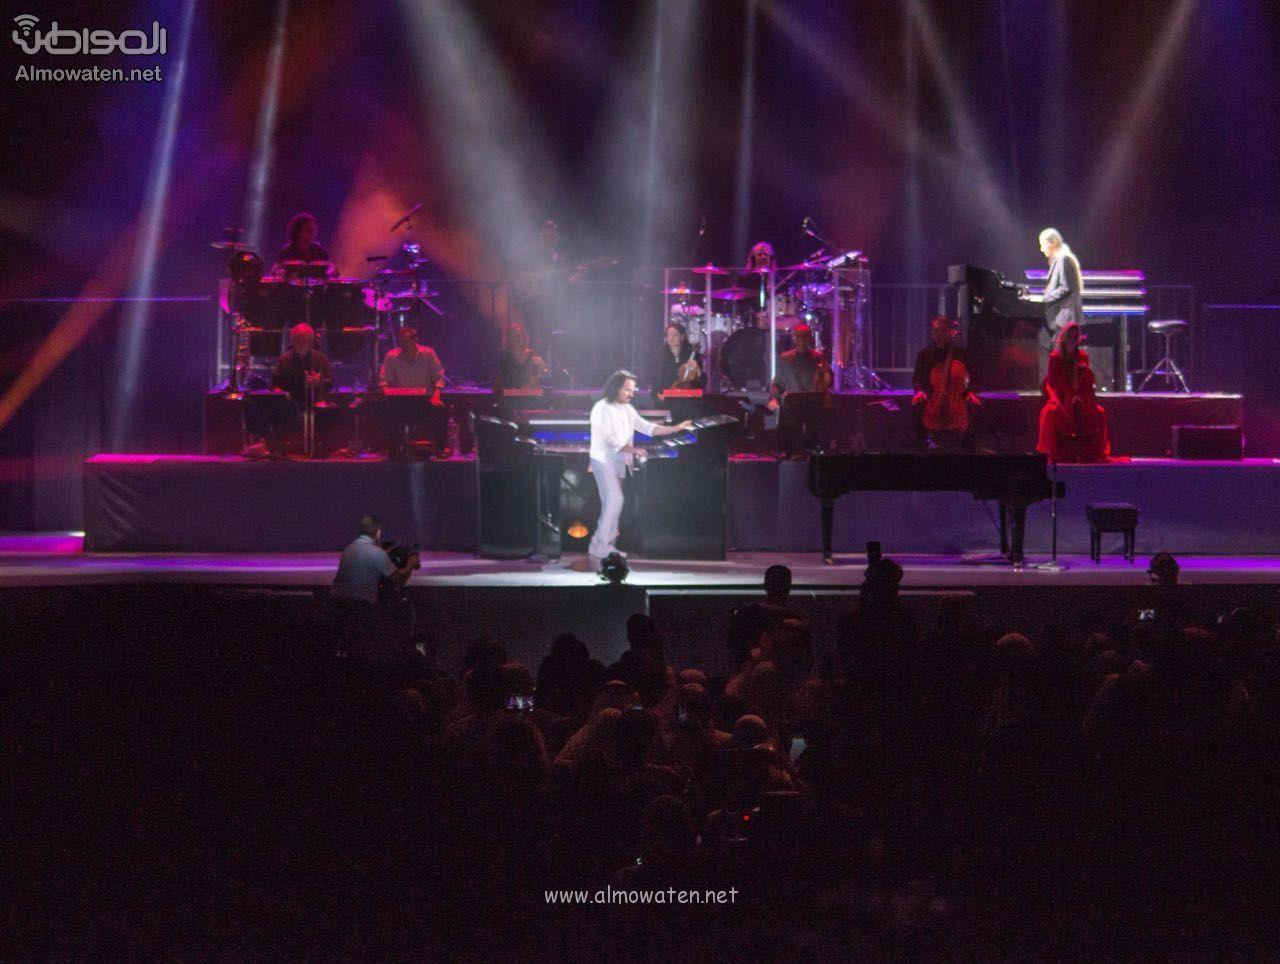 حفل ياني بعدسة المواطن ساعتان على مسرح مدينة الملك عبدالله الاقتصادية Concert